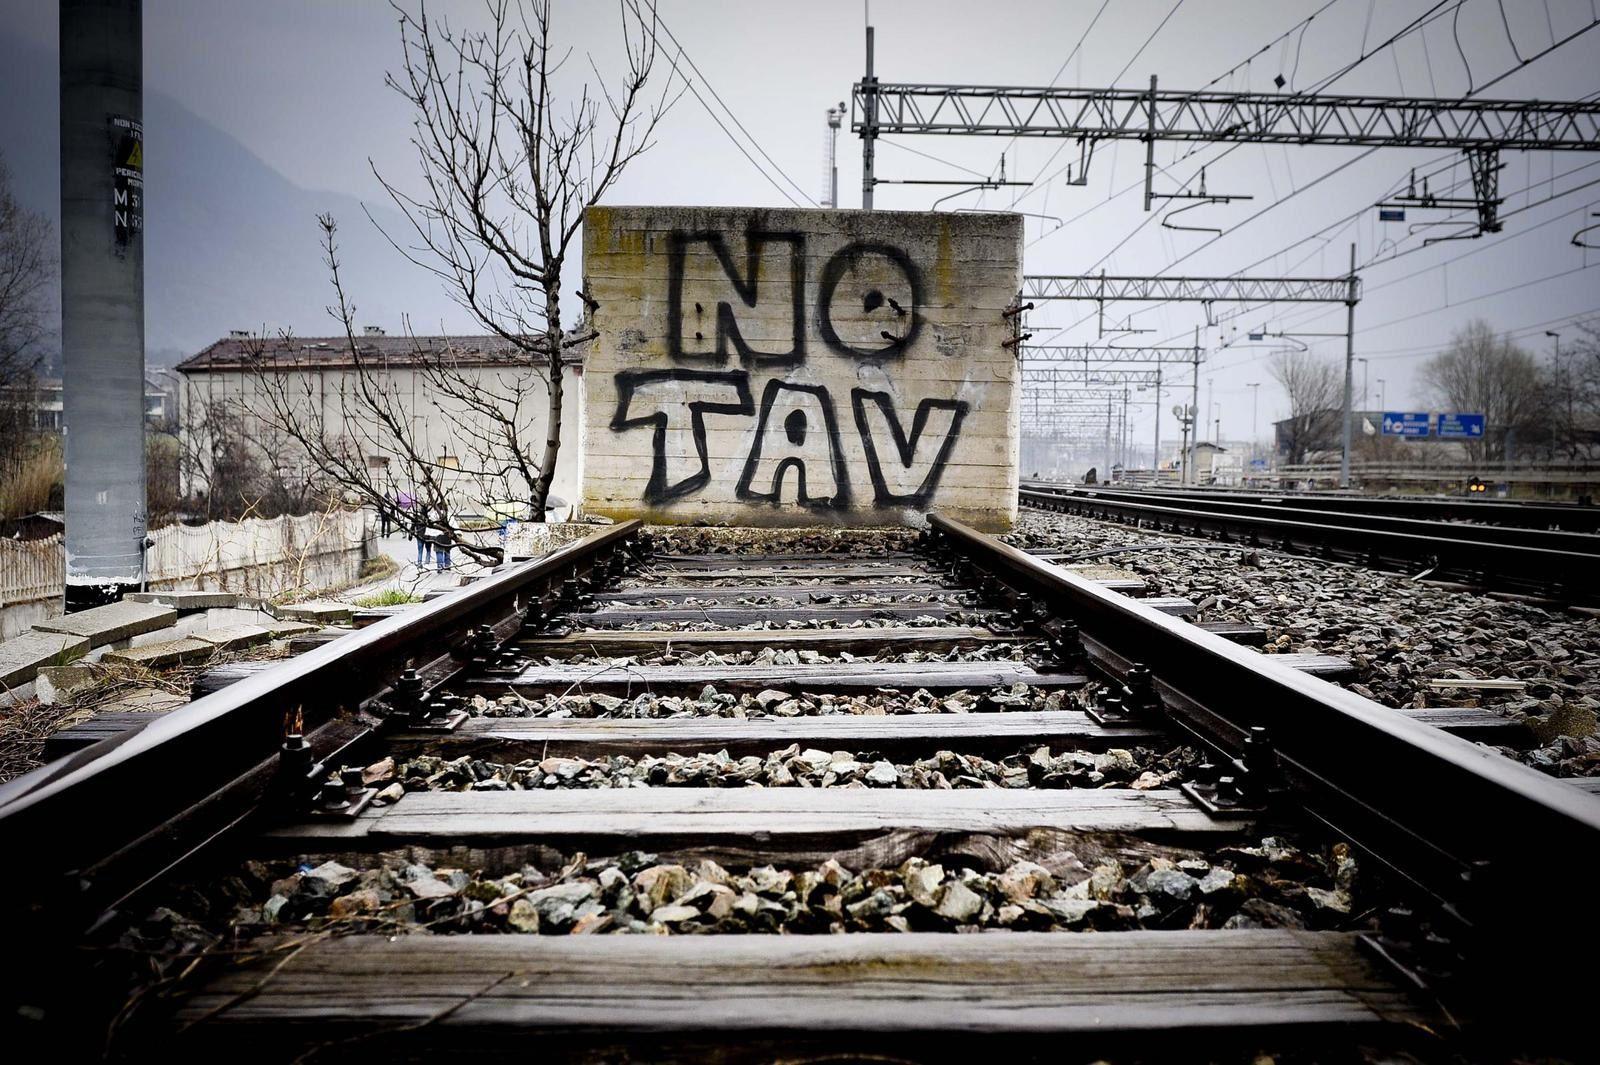 Le TGV Lyon-Turin? NO TAV!